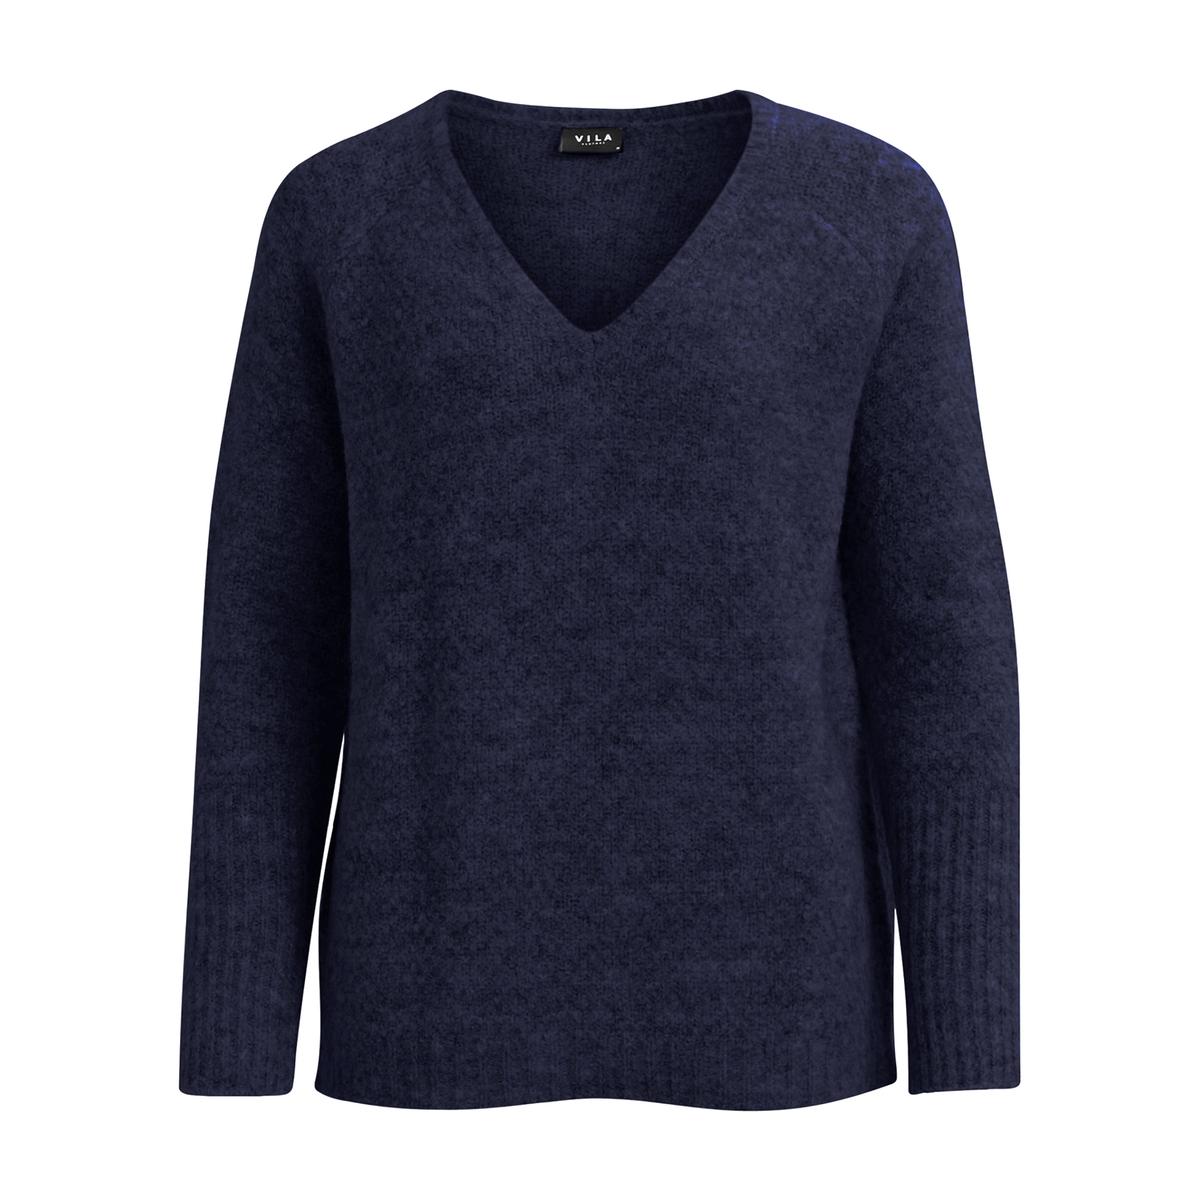 Пуловер с V-образным вырезом из тонкого трикотажаОписание:Детали •  Длинные рукава •   V-образный вырез •  Тонкий трикотаж Состав и уход •  30% шерсти, 45% акрила, 5% эластана, 20% полиамида •  Следуйте советам по уходу, указанным на этикетке<br><br>Цвет: синий морской,темно-бежевый<br>Размер: S